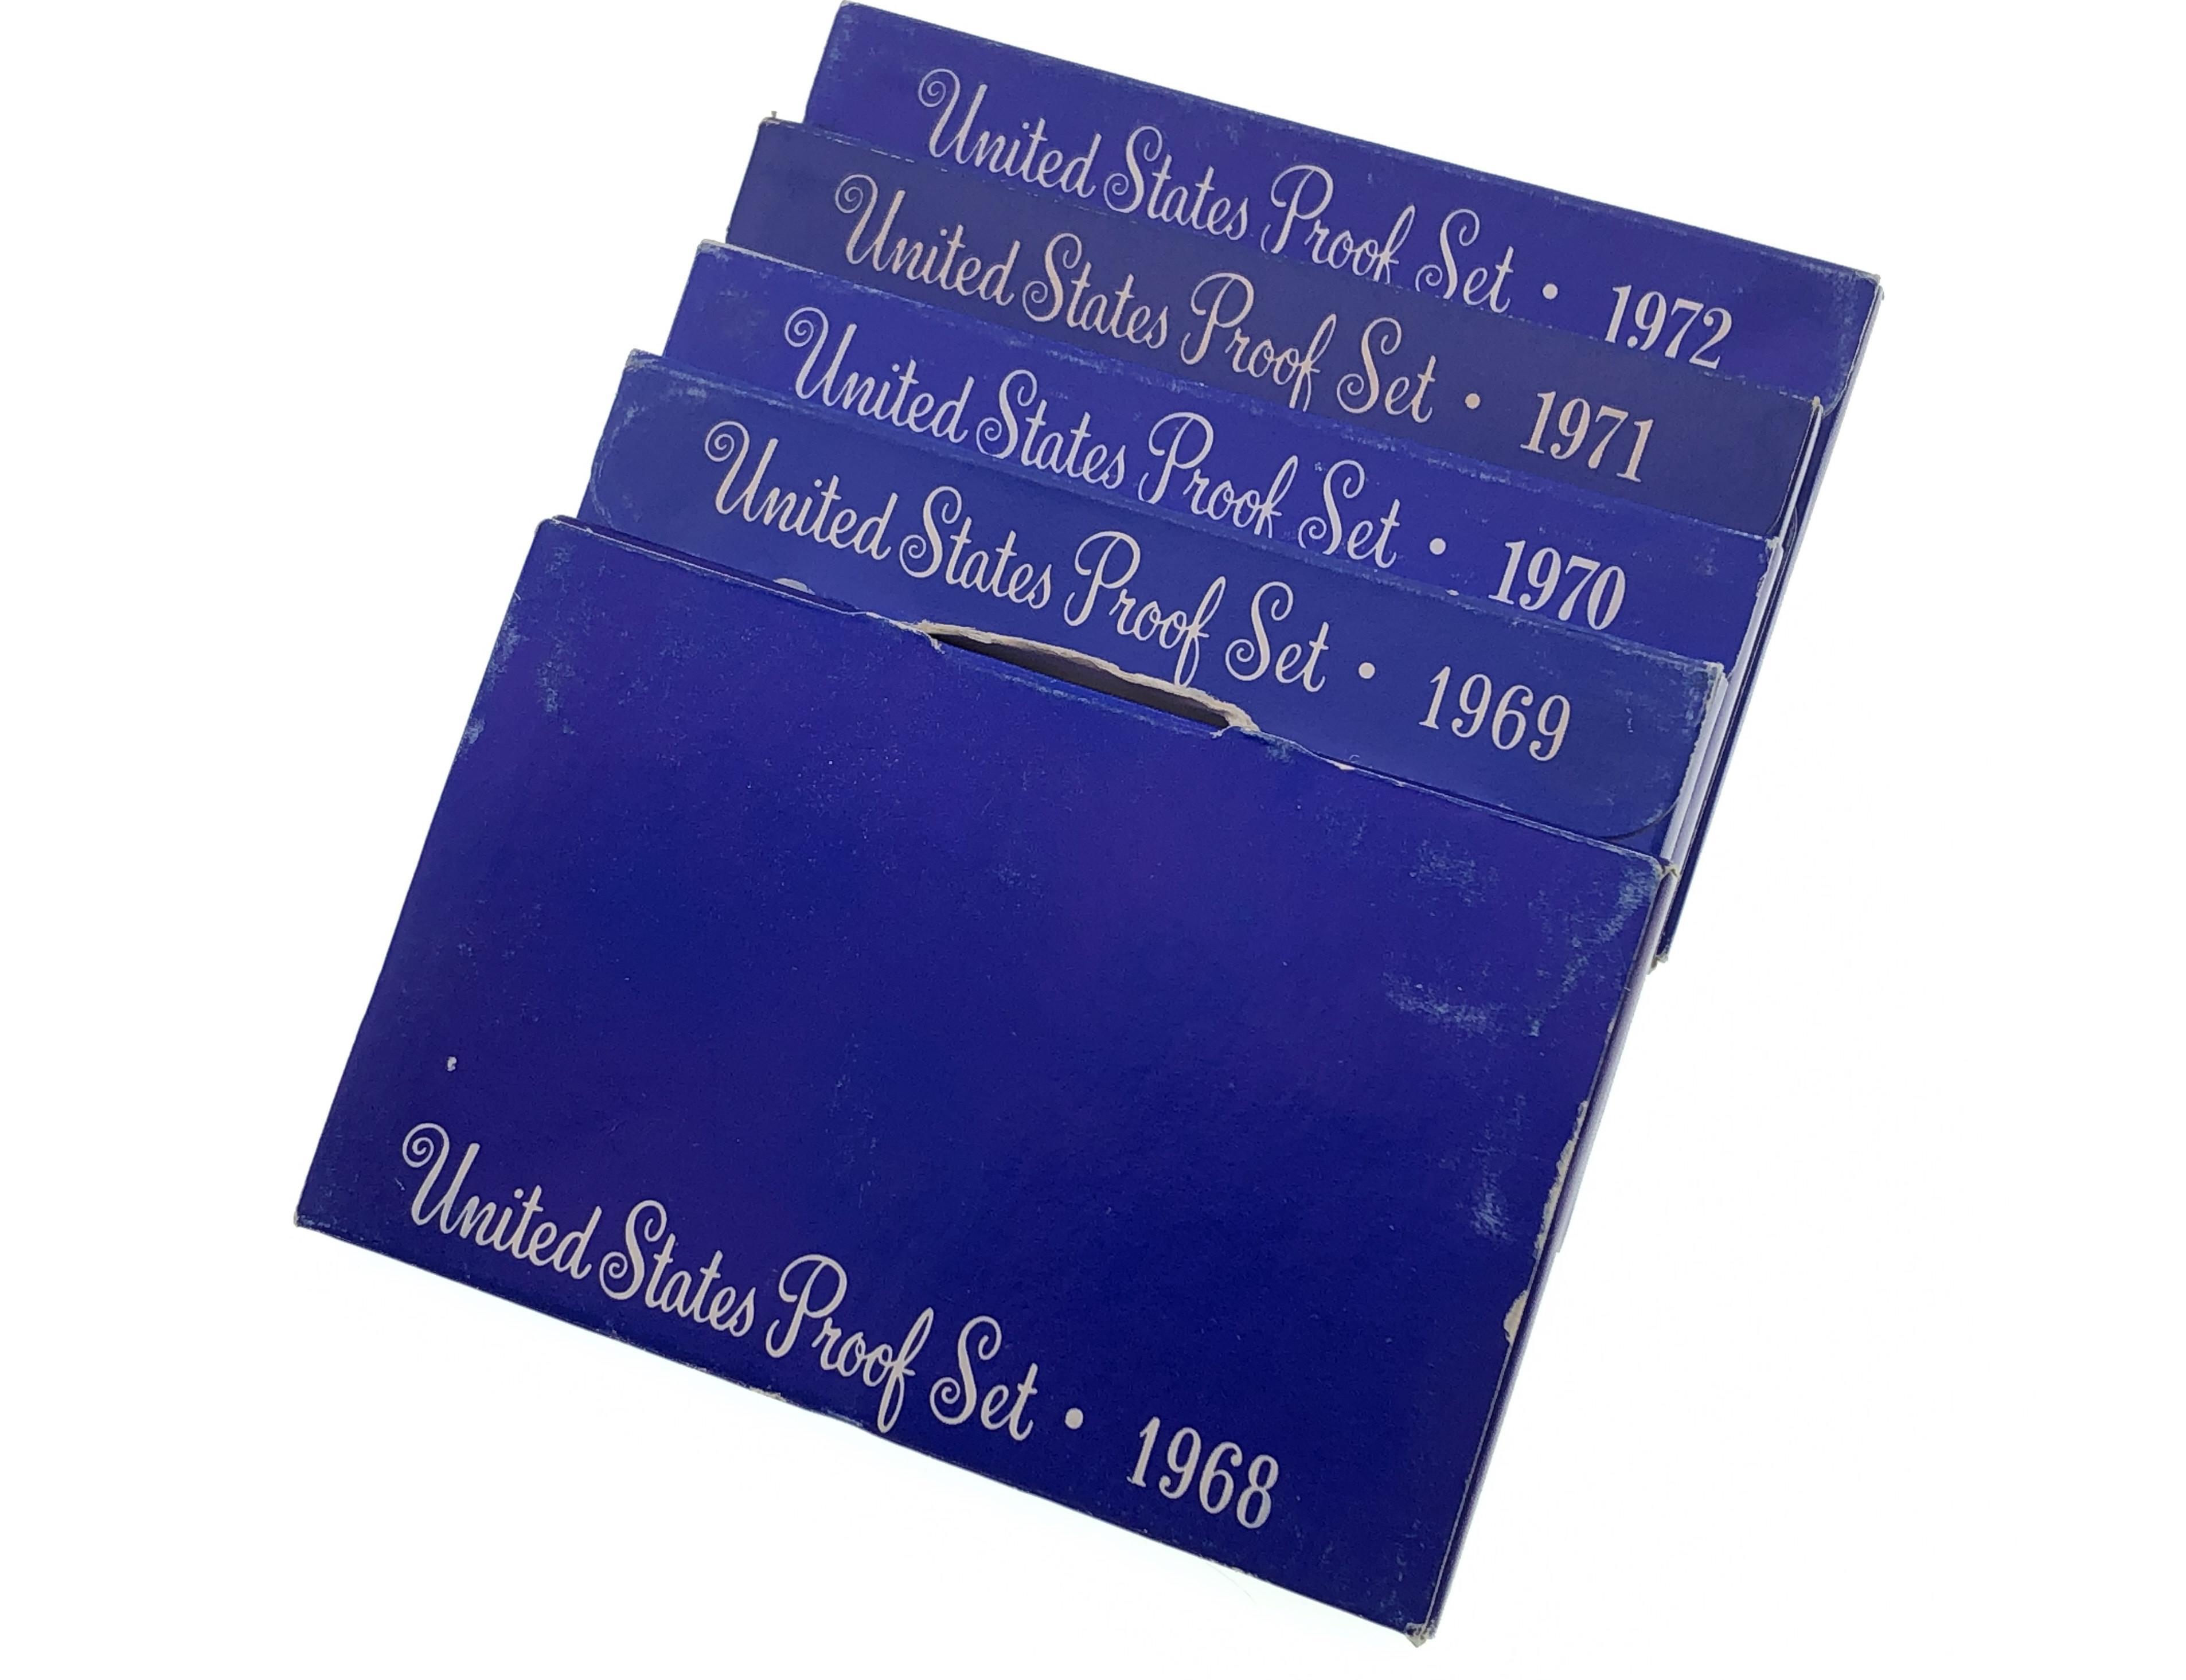 SET OF 5 1968-1972 U.S. MINT PROOF SET